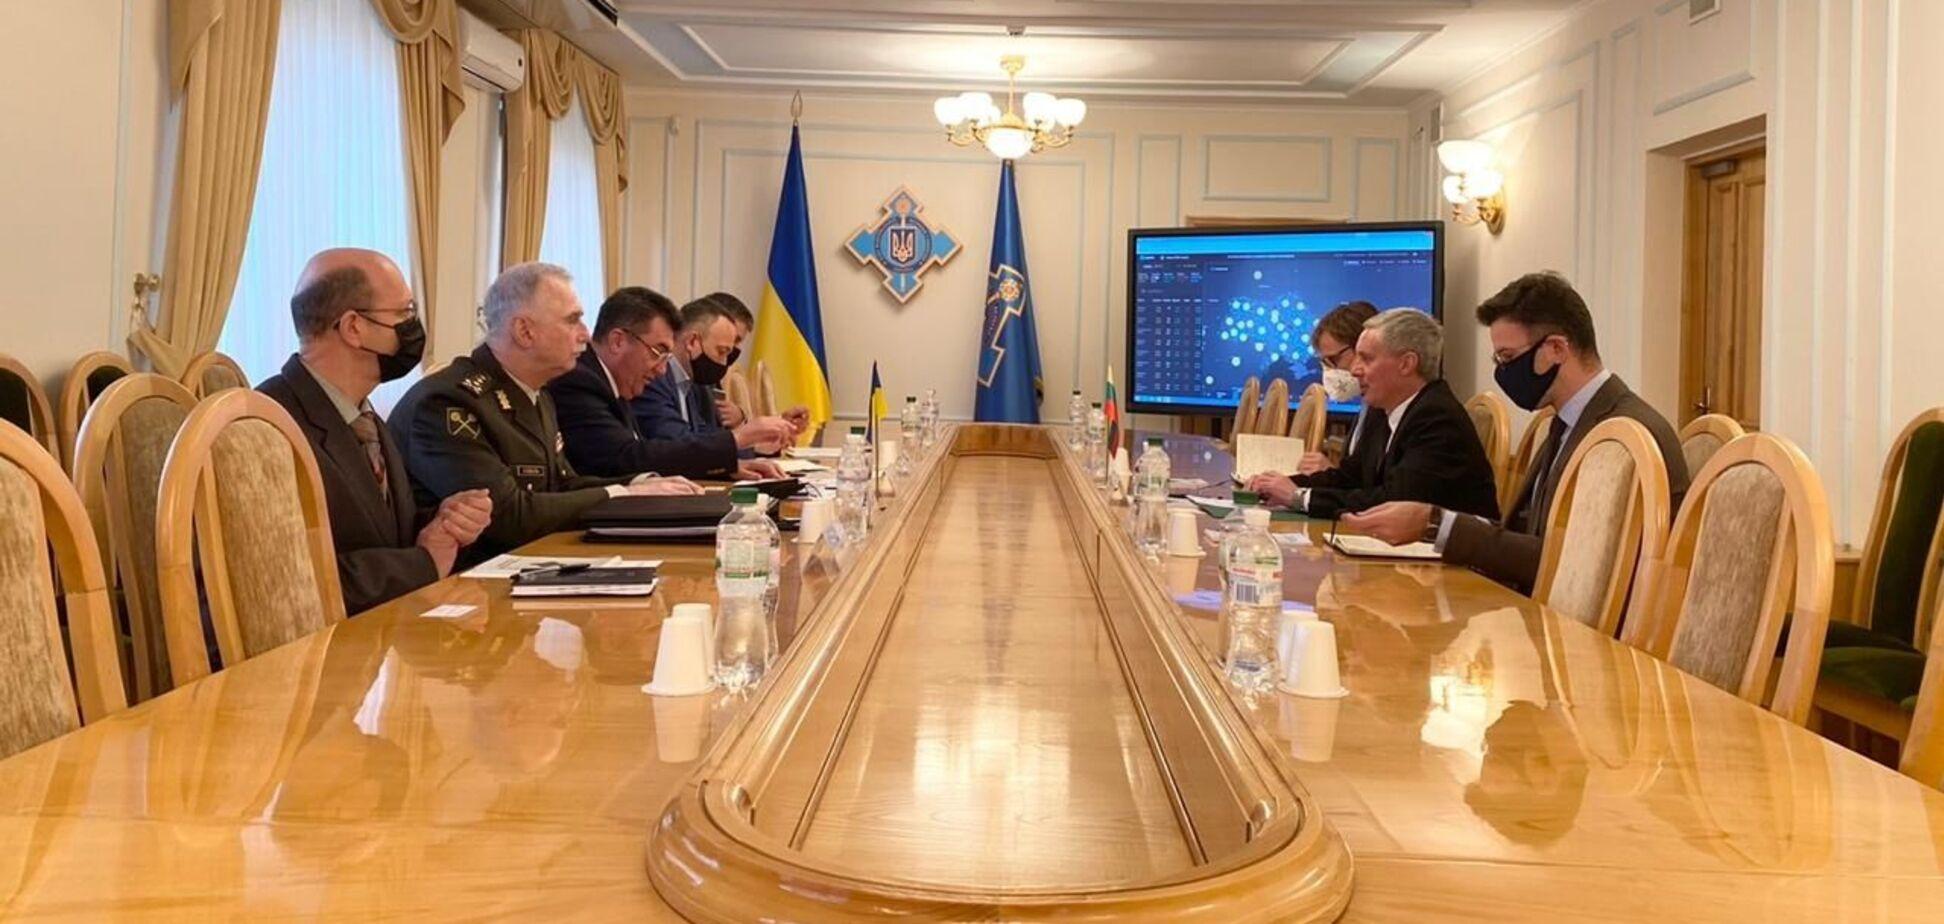 Украина активизирует сотрудничество в рамках 'Люблинского треугольника'